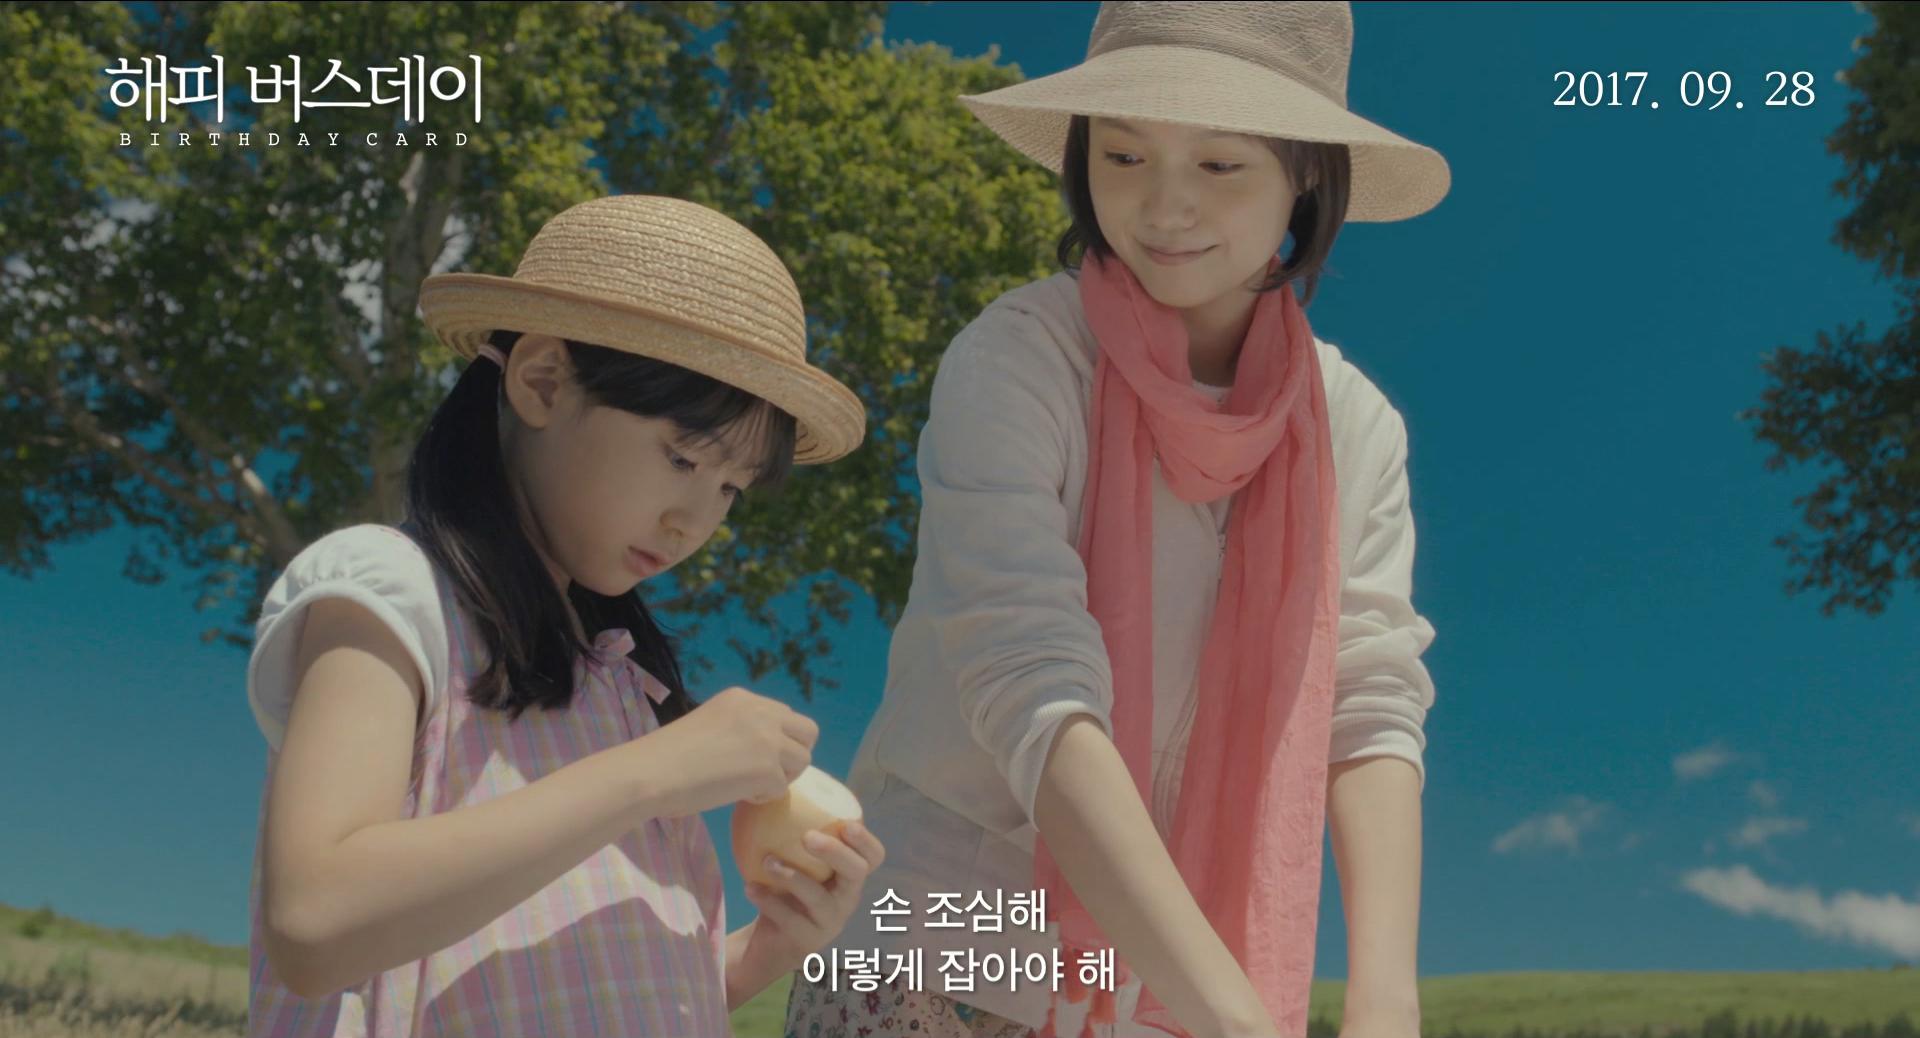 행복과 감동의 <해피 버스데이> 올 가을 최고의 가족영화로 등극!